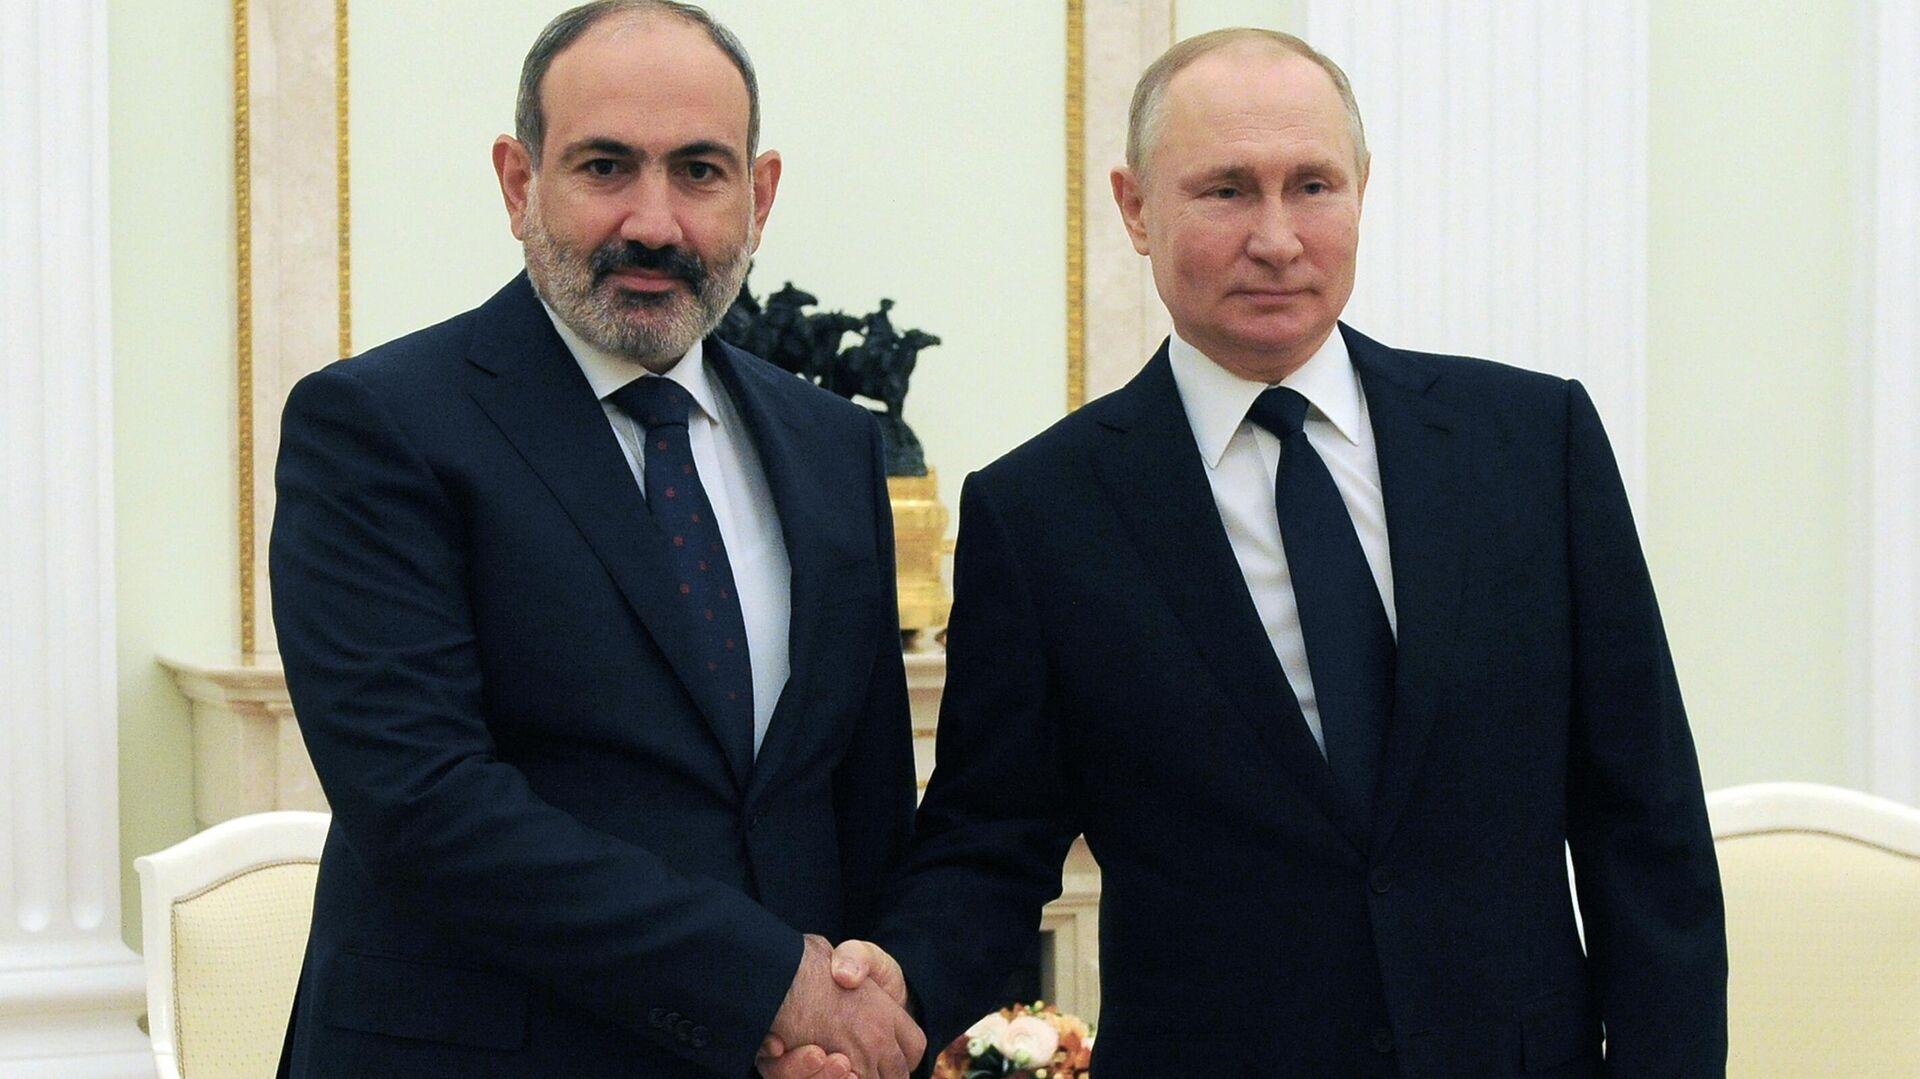 El primer ministro de Armenia, Nikol Pashinián, con el presidente de Rusia, Vladímir Putin (archivo) - Sputnik Mundo, 1920, 14.04.2021